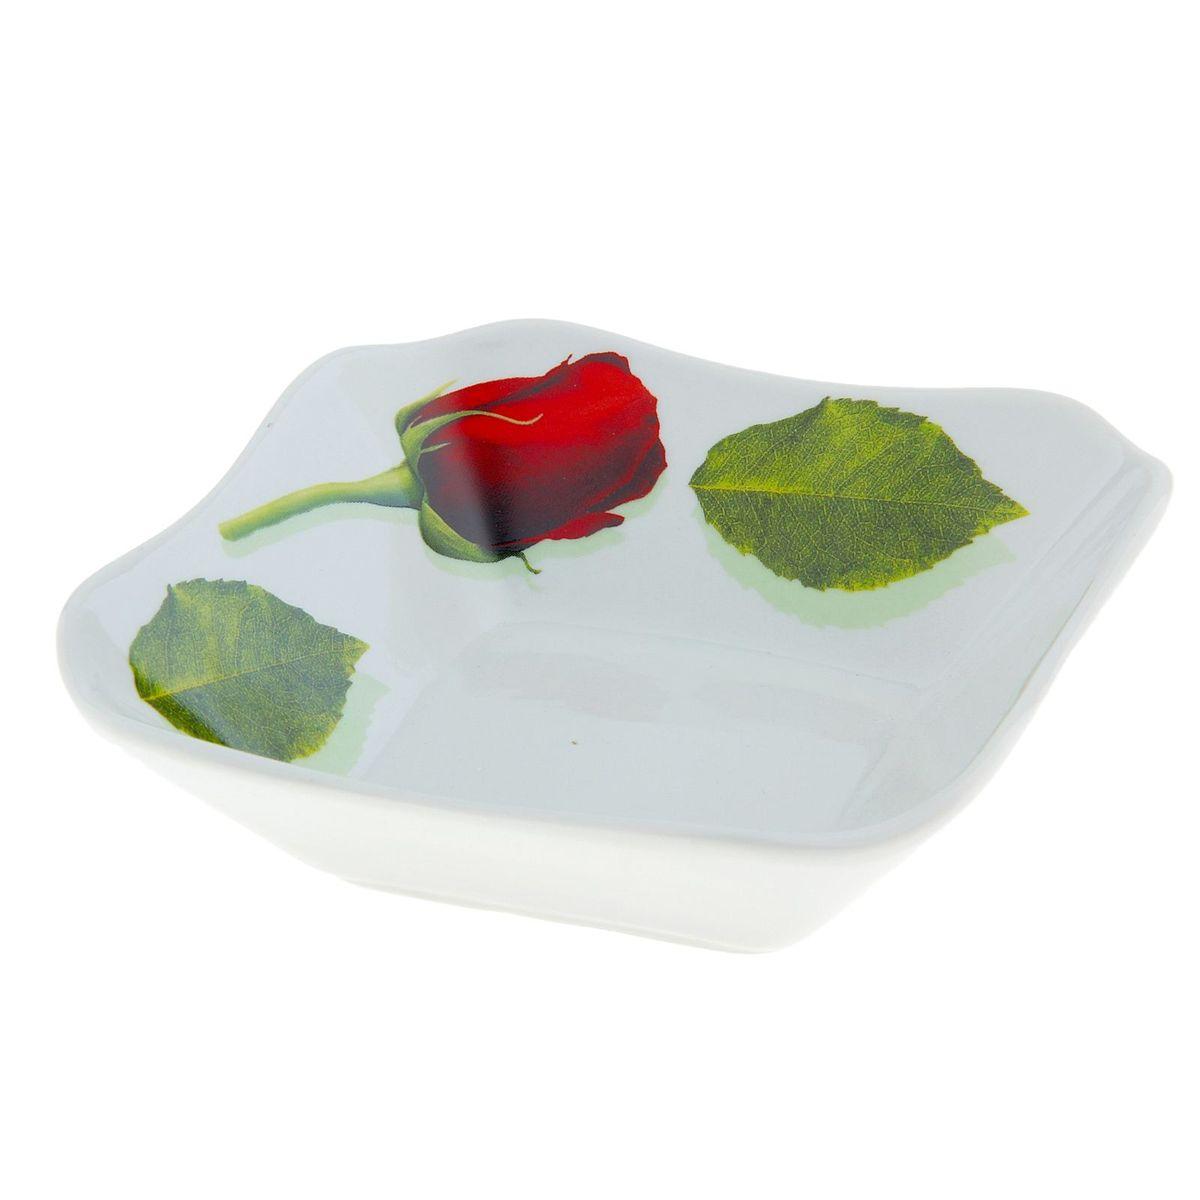 Салатник Королева цветов, 250 мл115510Квадратный салатник Королева цветов, изготовленный из высококачественного фарфора, прекрасно подойдет для подачи различных блюд: закусок, салатов или фруктов. Такой салатник украсит ваш праздничный или обеденный стол, а оригинальное исполнение понравится любой хозяйке.